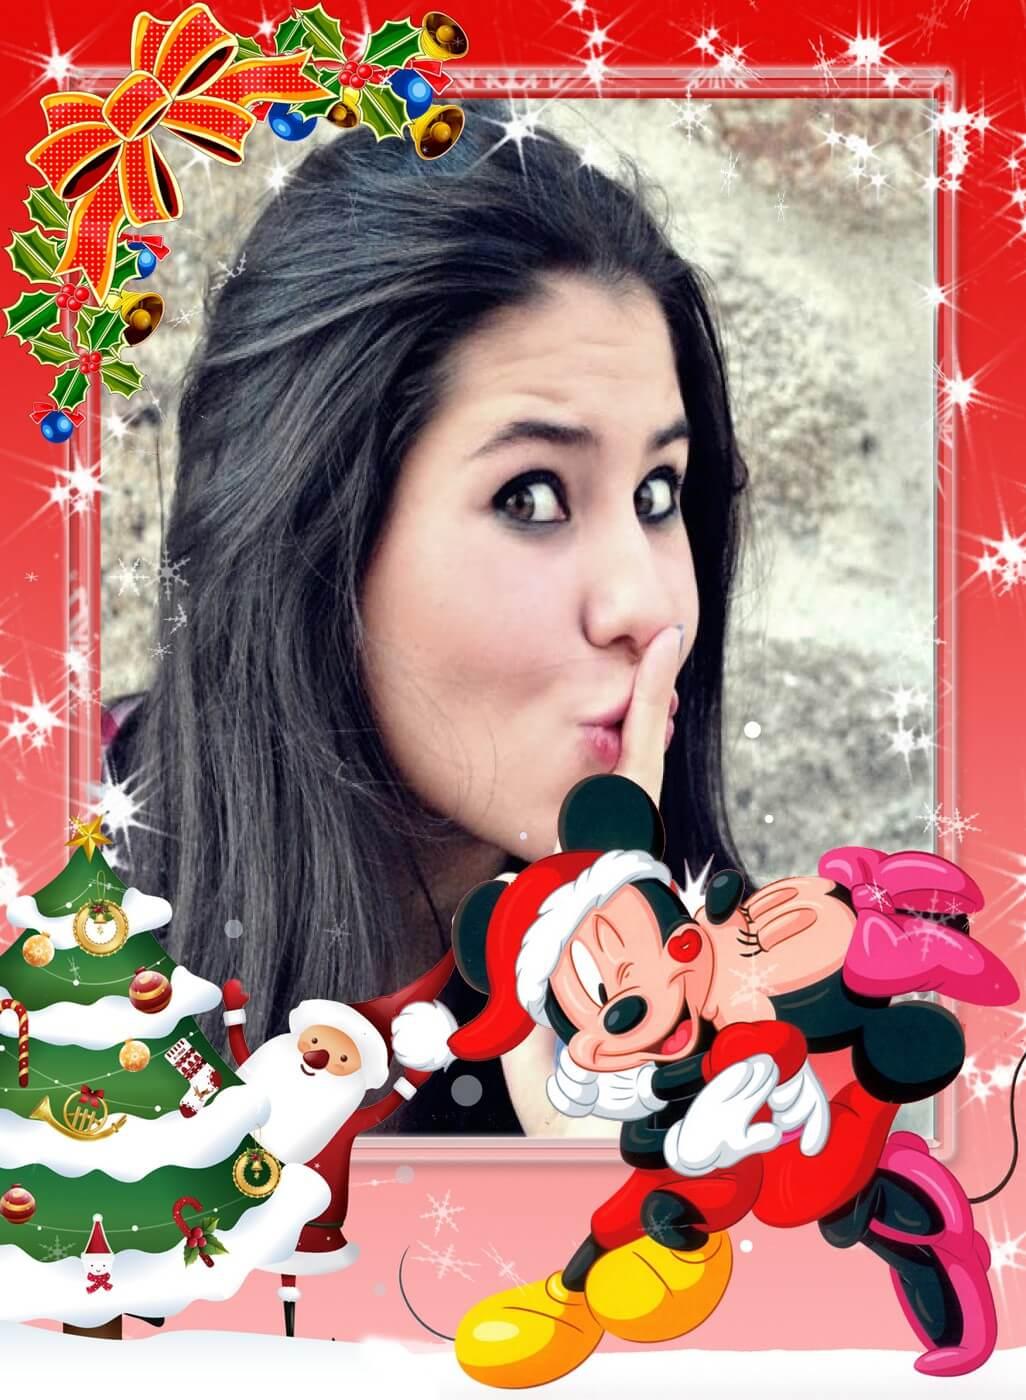 molduras-para-fotos-natal-com-mickey-e-minnie